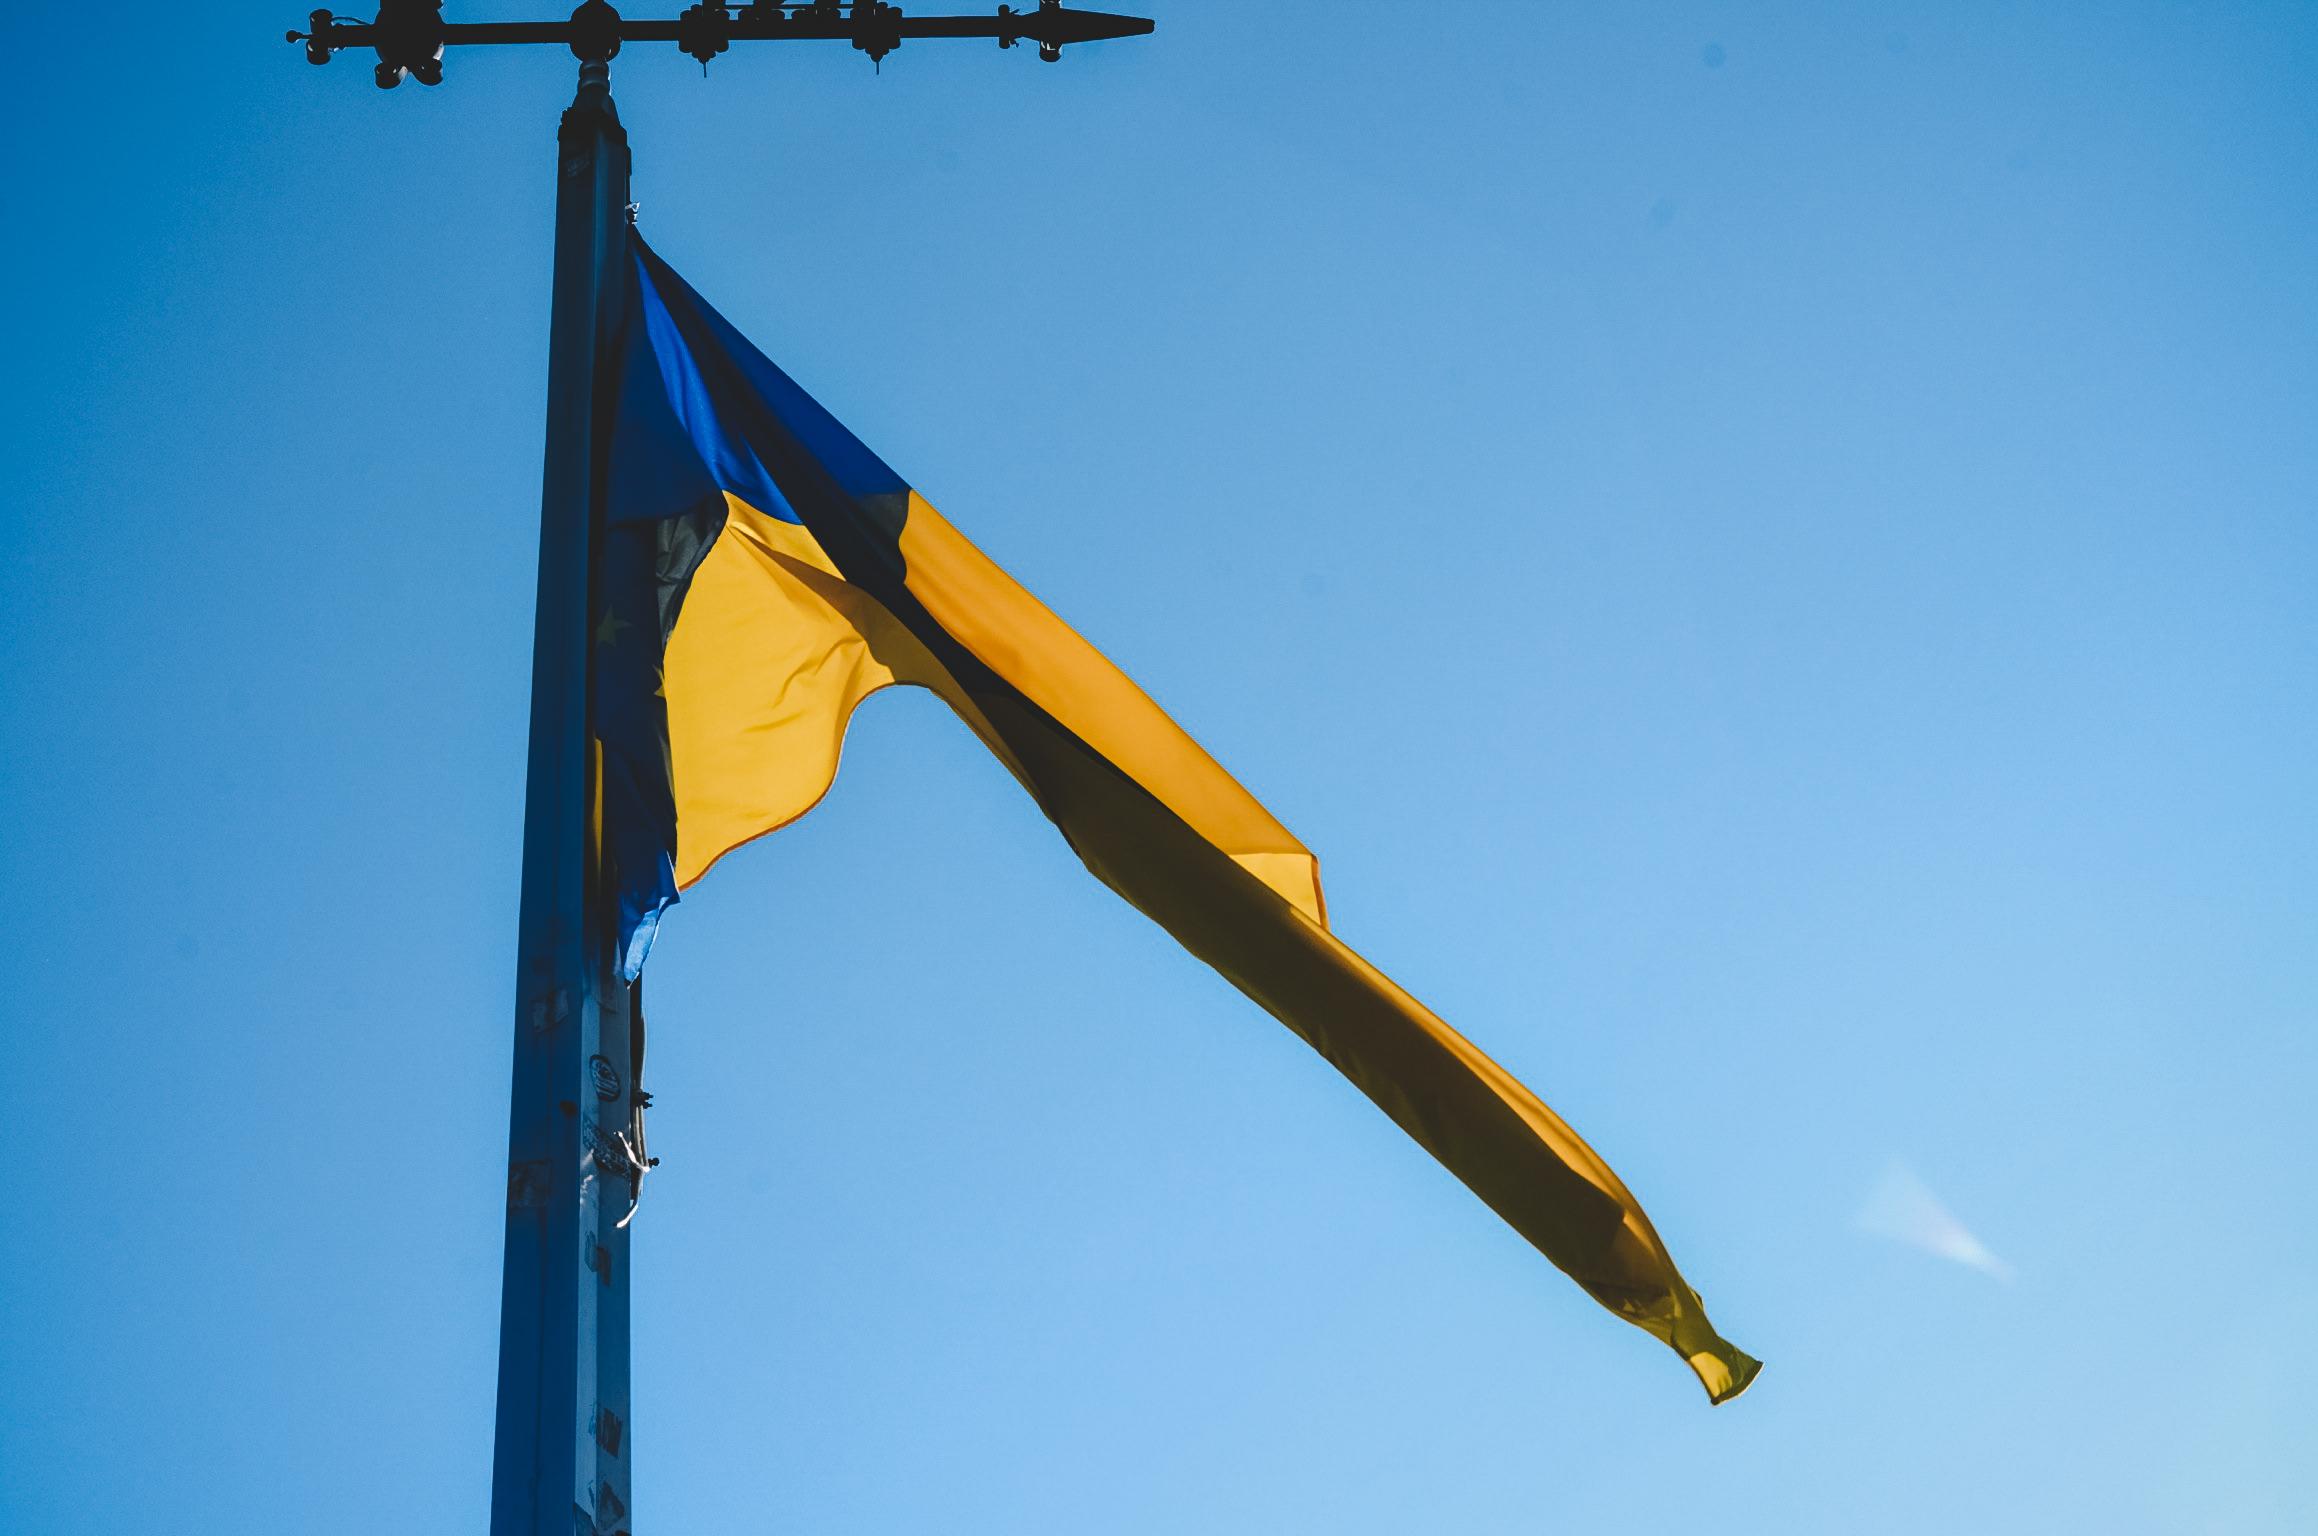 ukraine-in-spring_13193804654_o.jpg